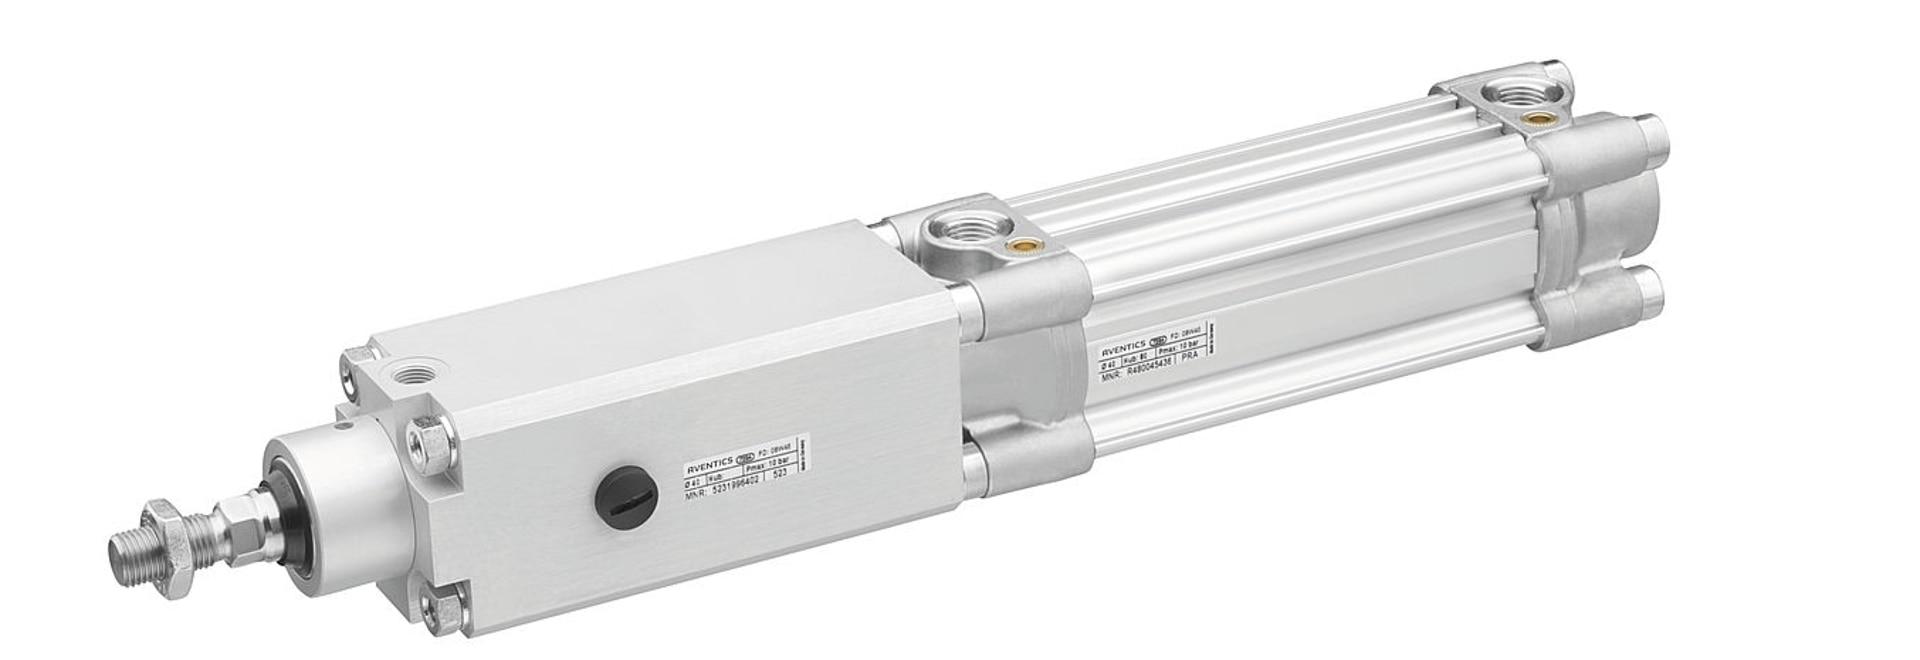 Aventics zeigt zertifizierte Feststelleinheit LU6 auf der Motek 2015